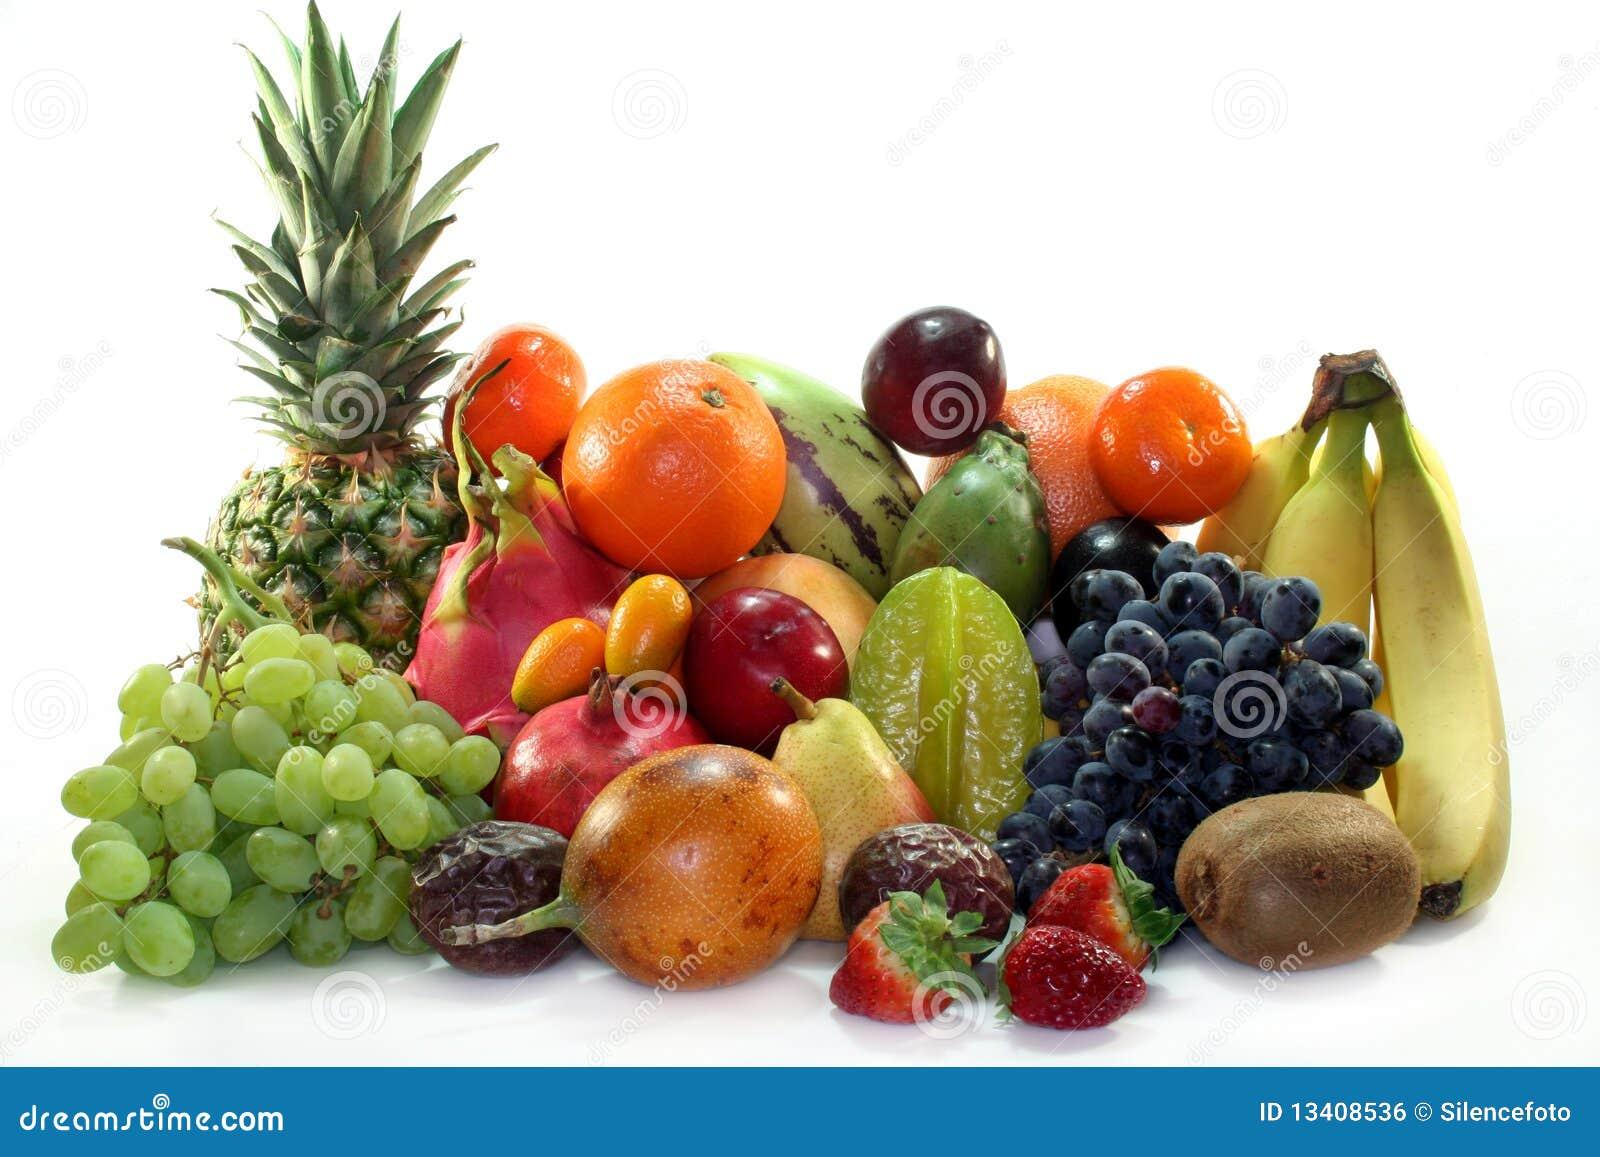 Mezcla de la fruta